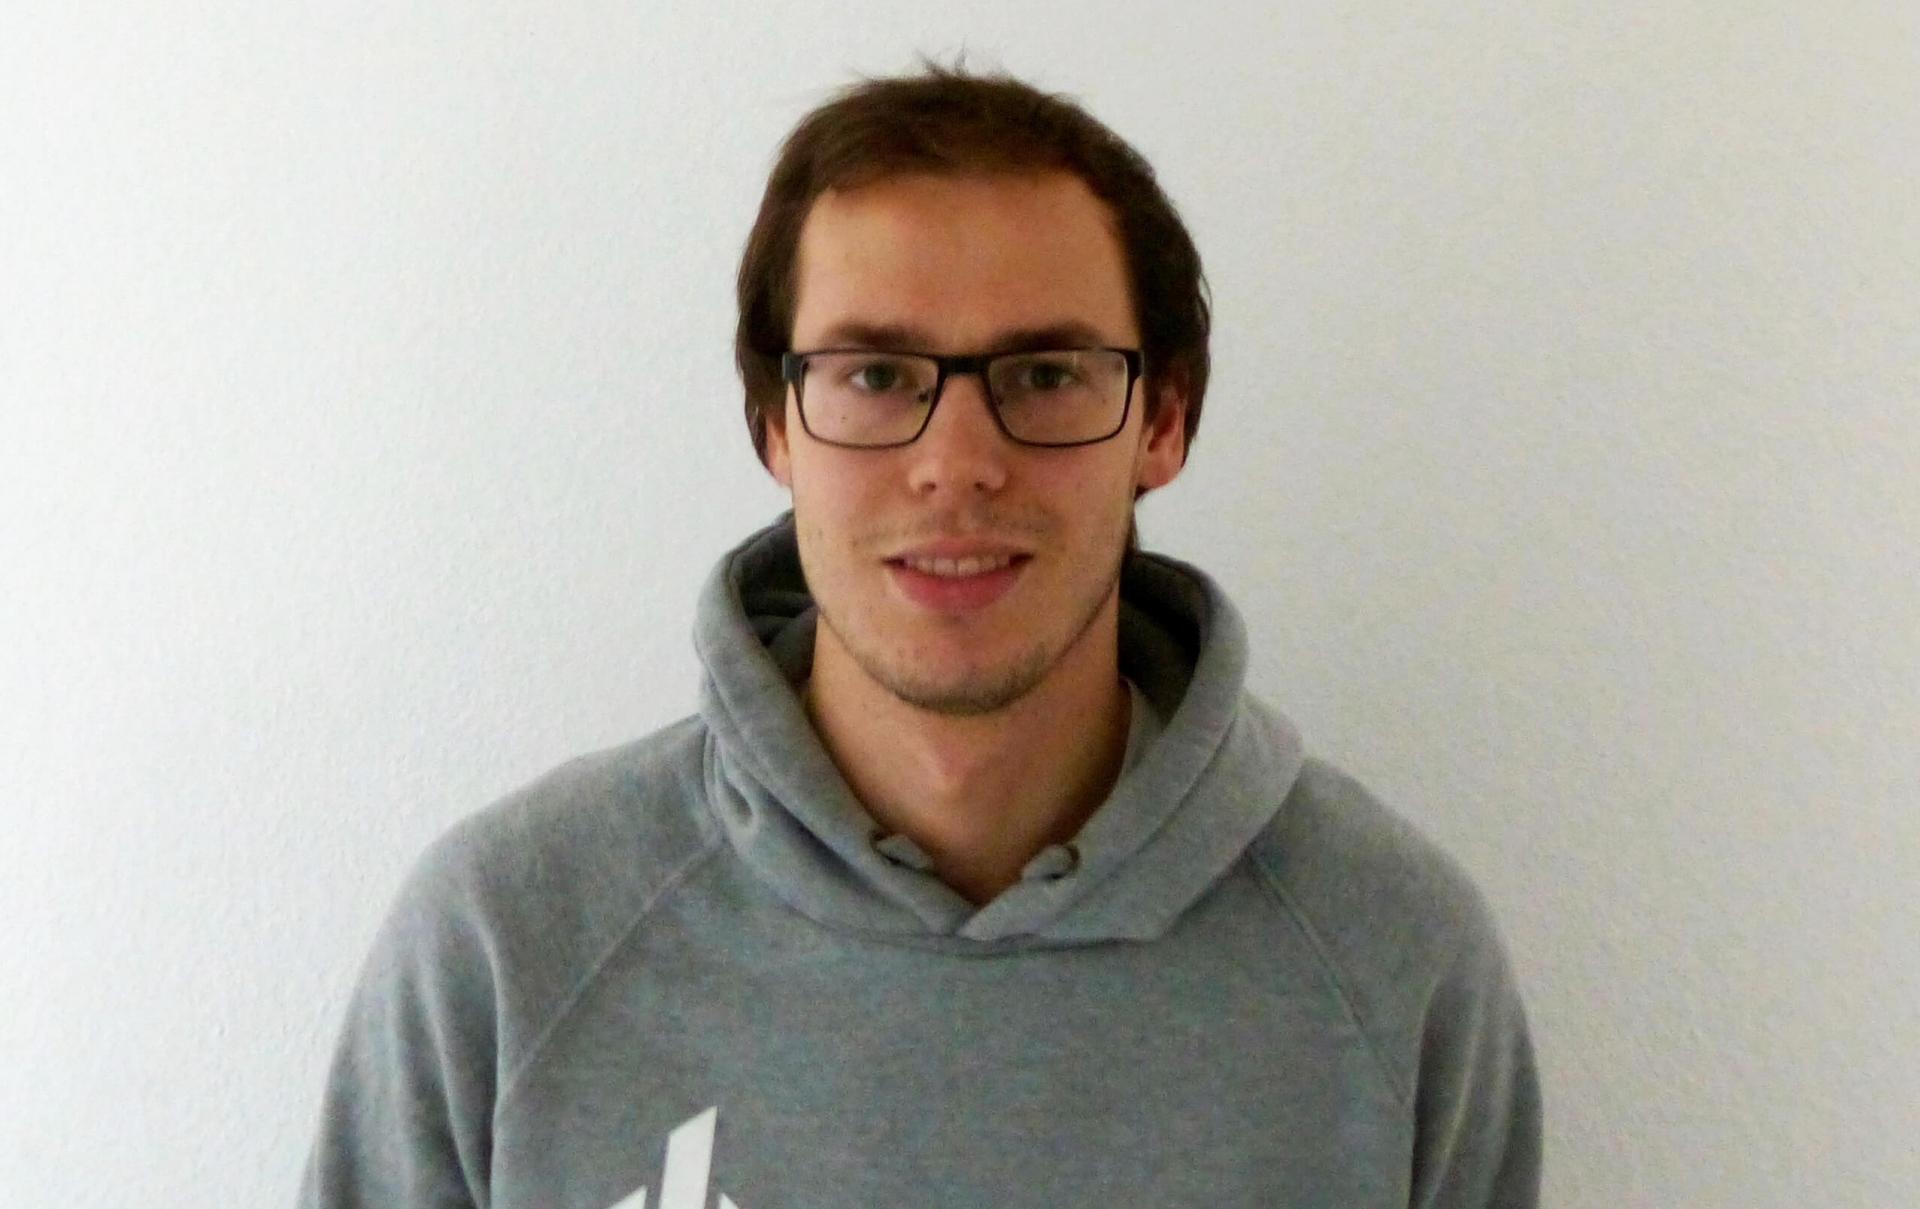 Stefan Asche steht vor weißer Wand